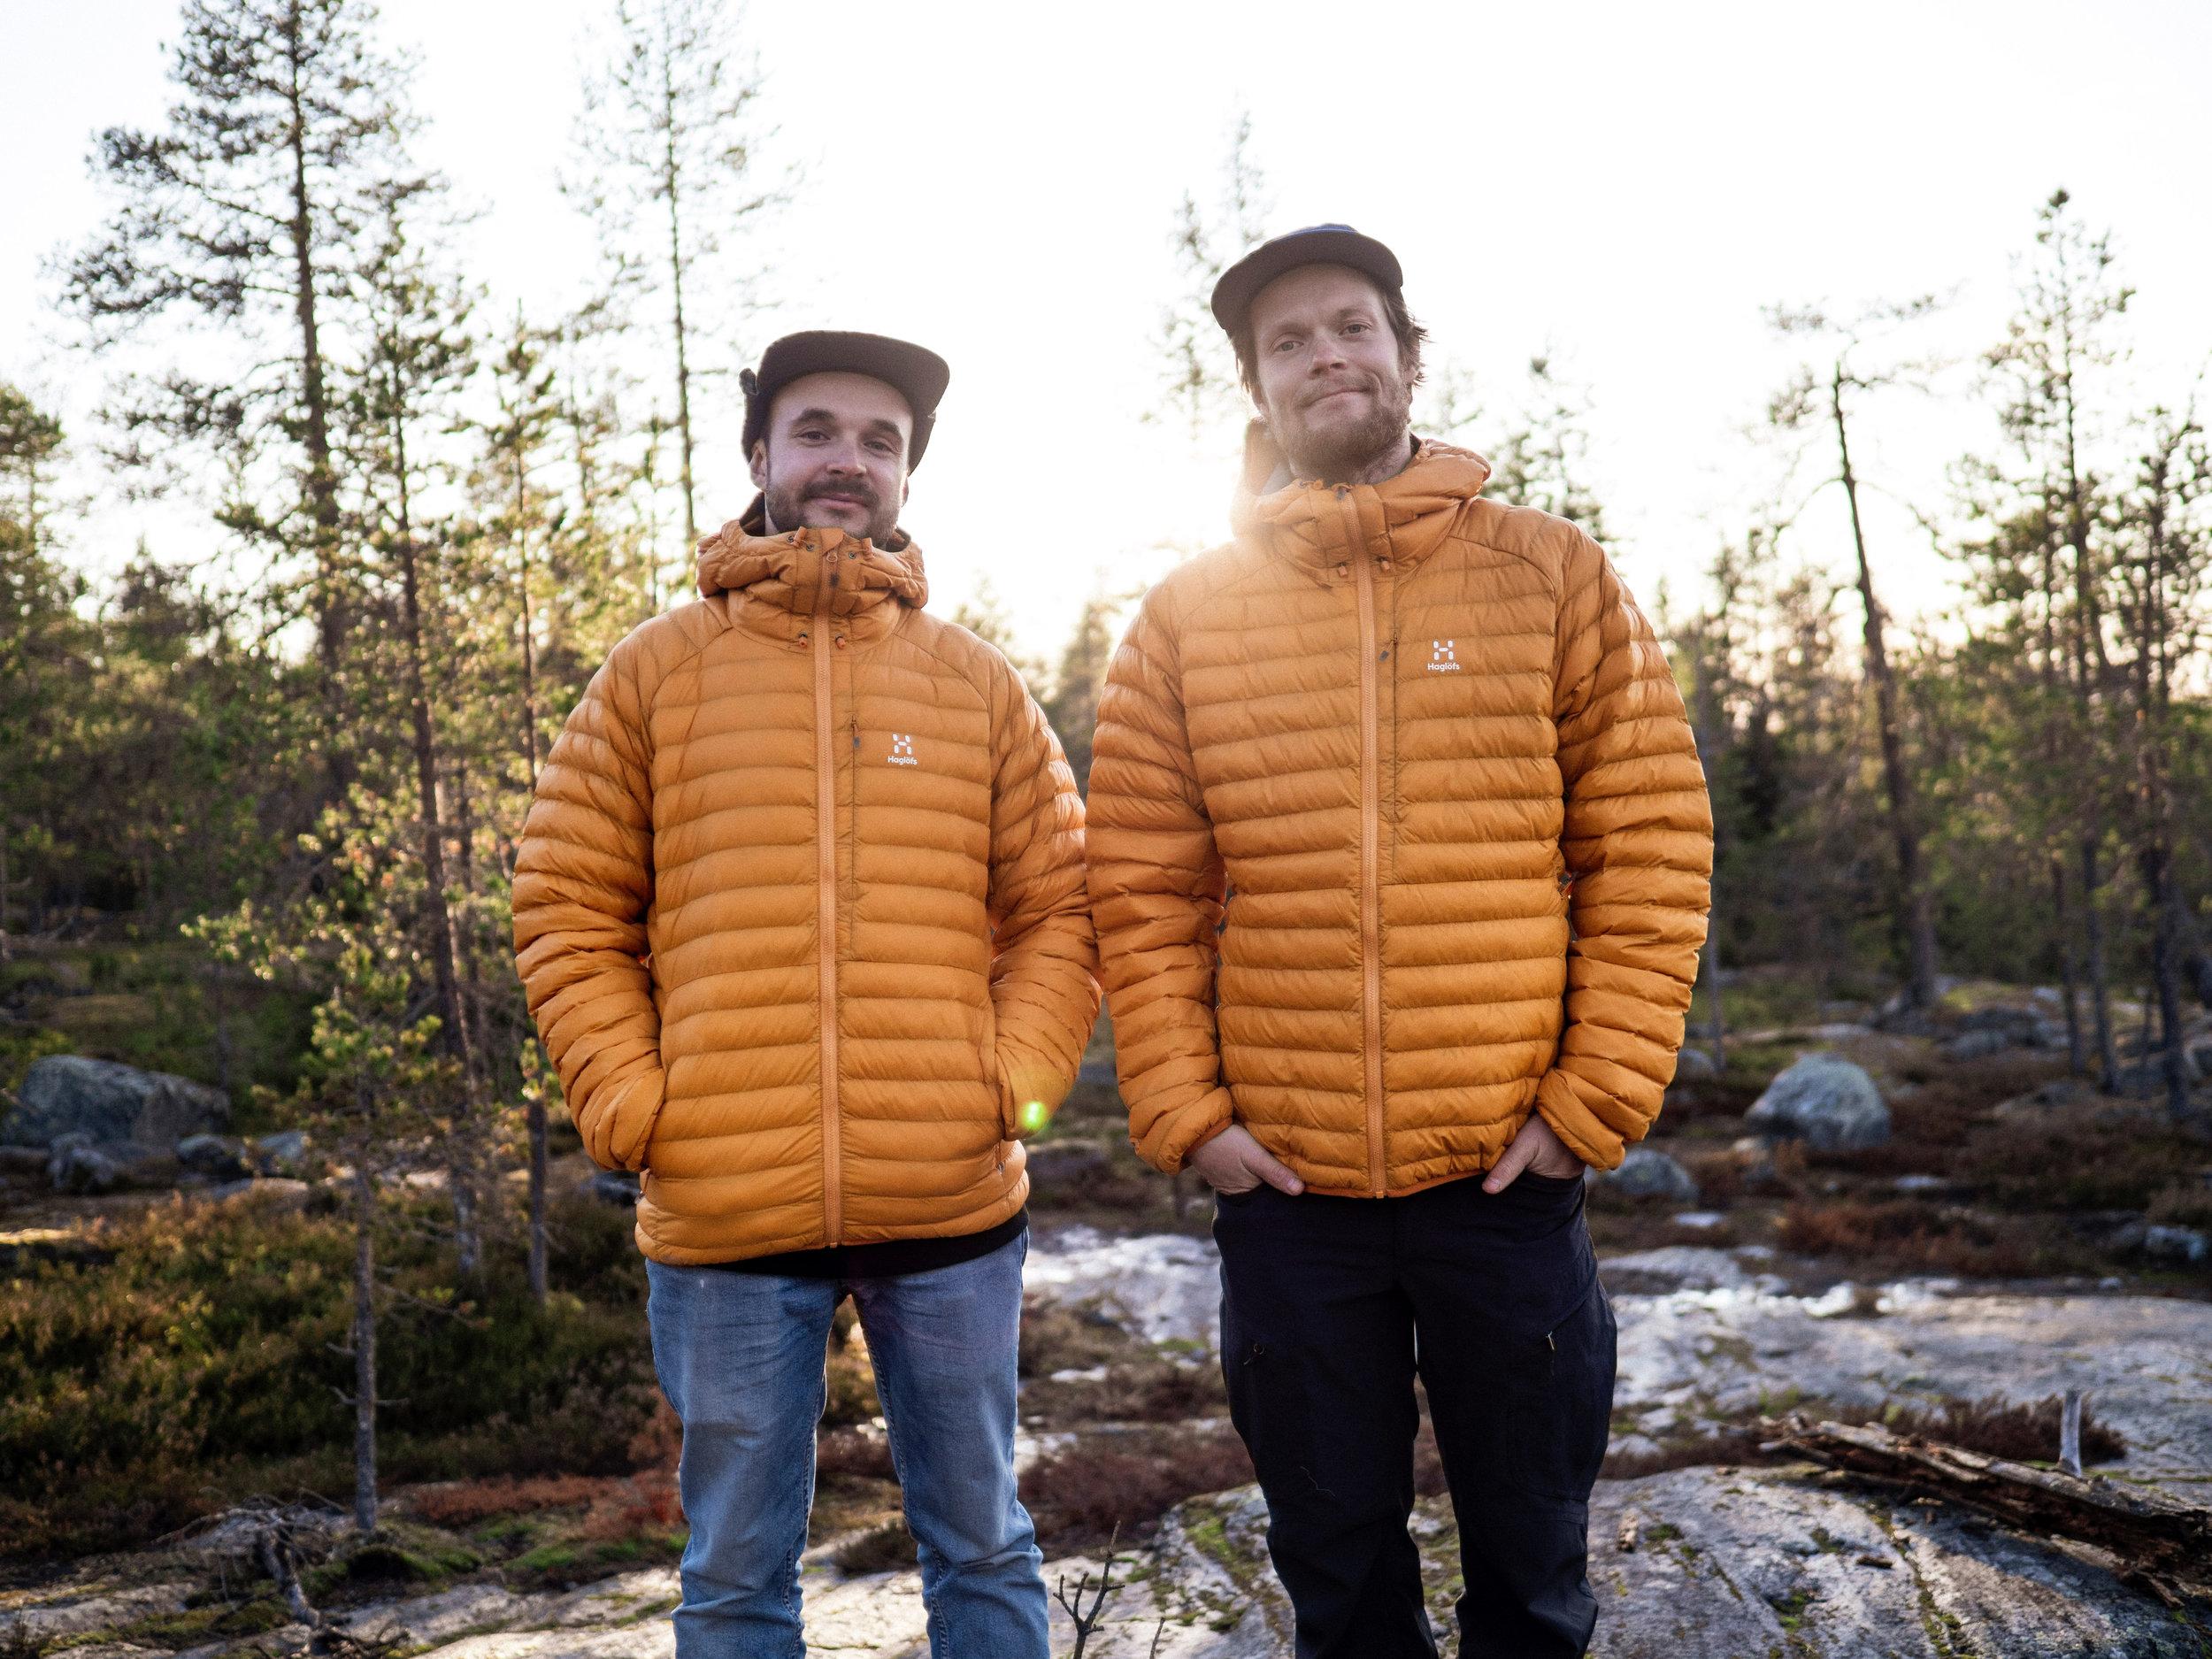 Ville Puominen ja Antti Autti odottavat innolla tulevaa, jo kolmatta kertaa järjestettävää Arctic Weekendiä. Kuva: Simo Vilhunen